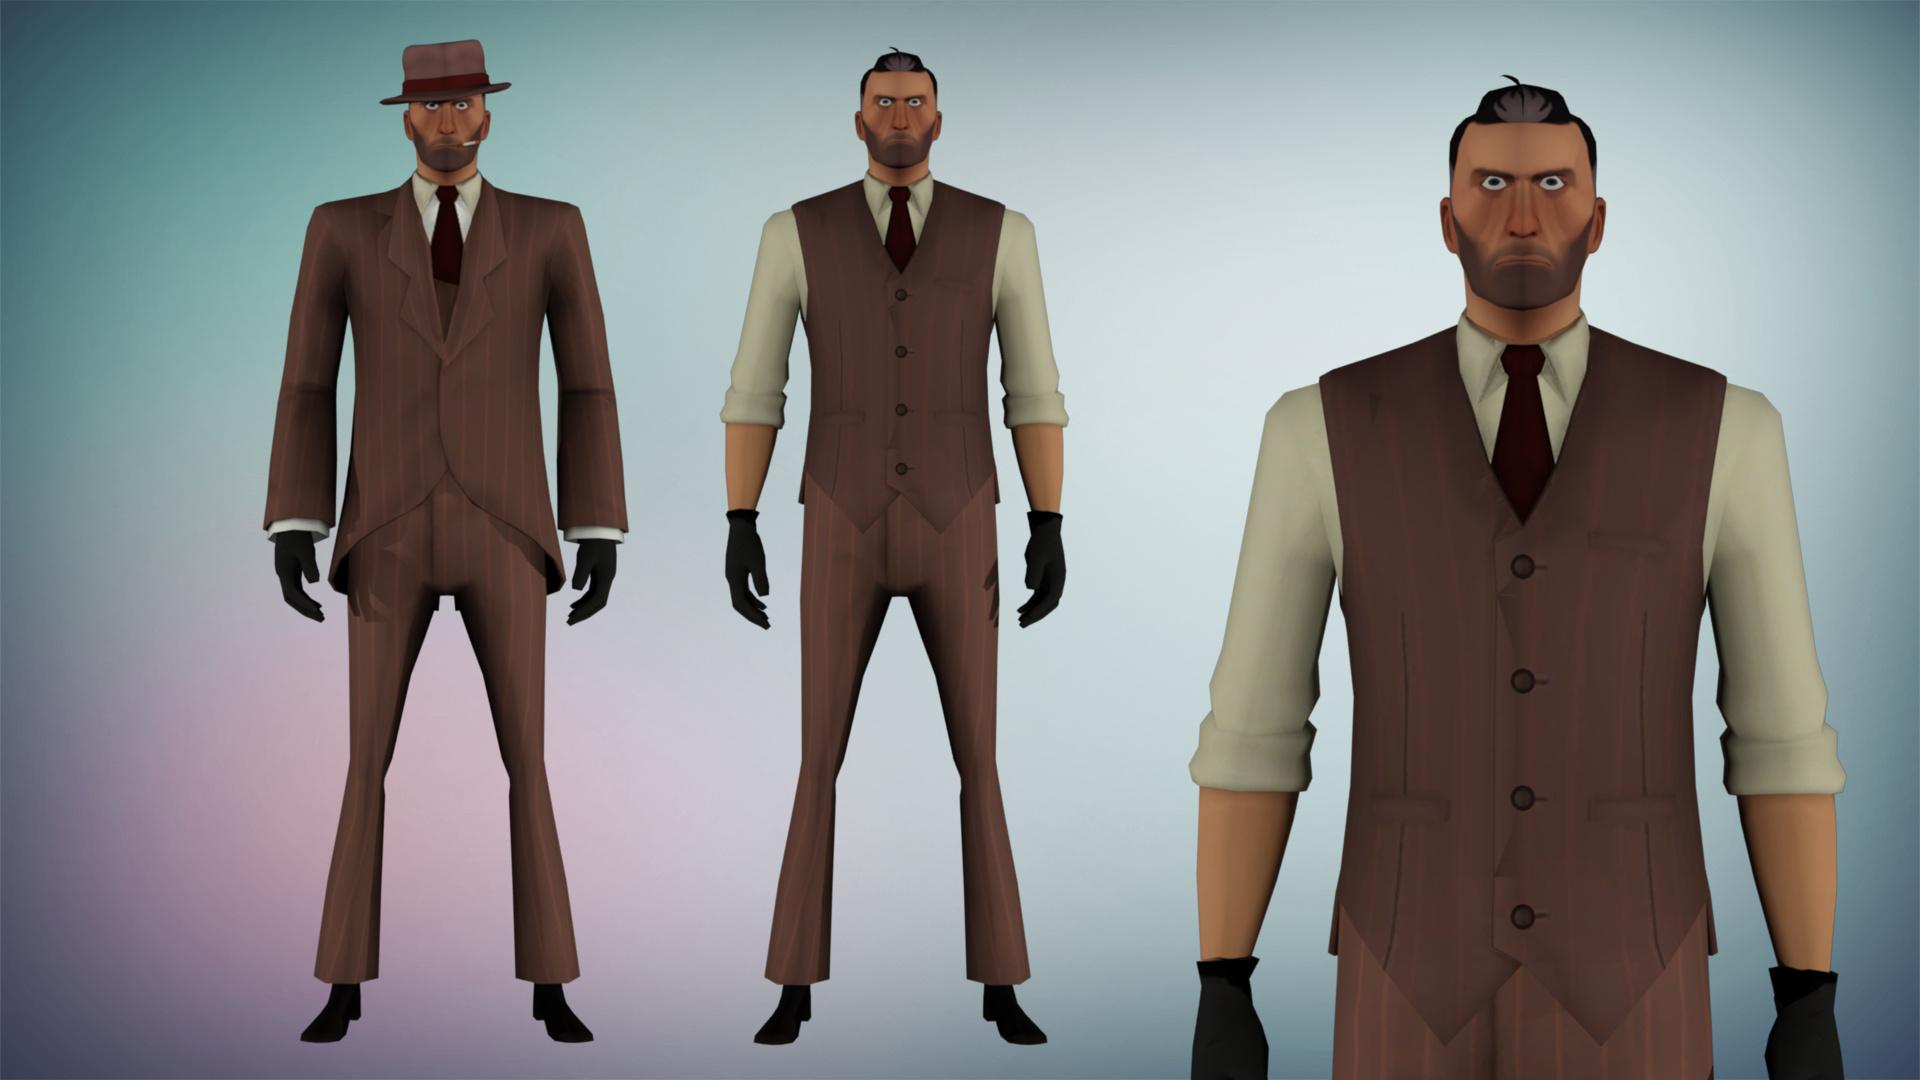 Team Fortress 2 Spy Maskless By Diegoforfun On Deviantart